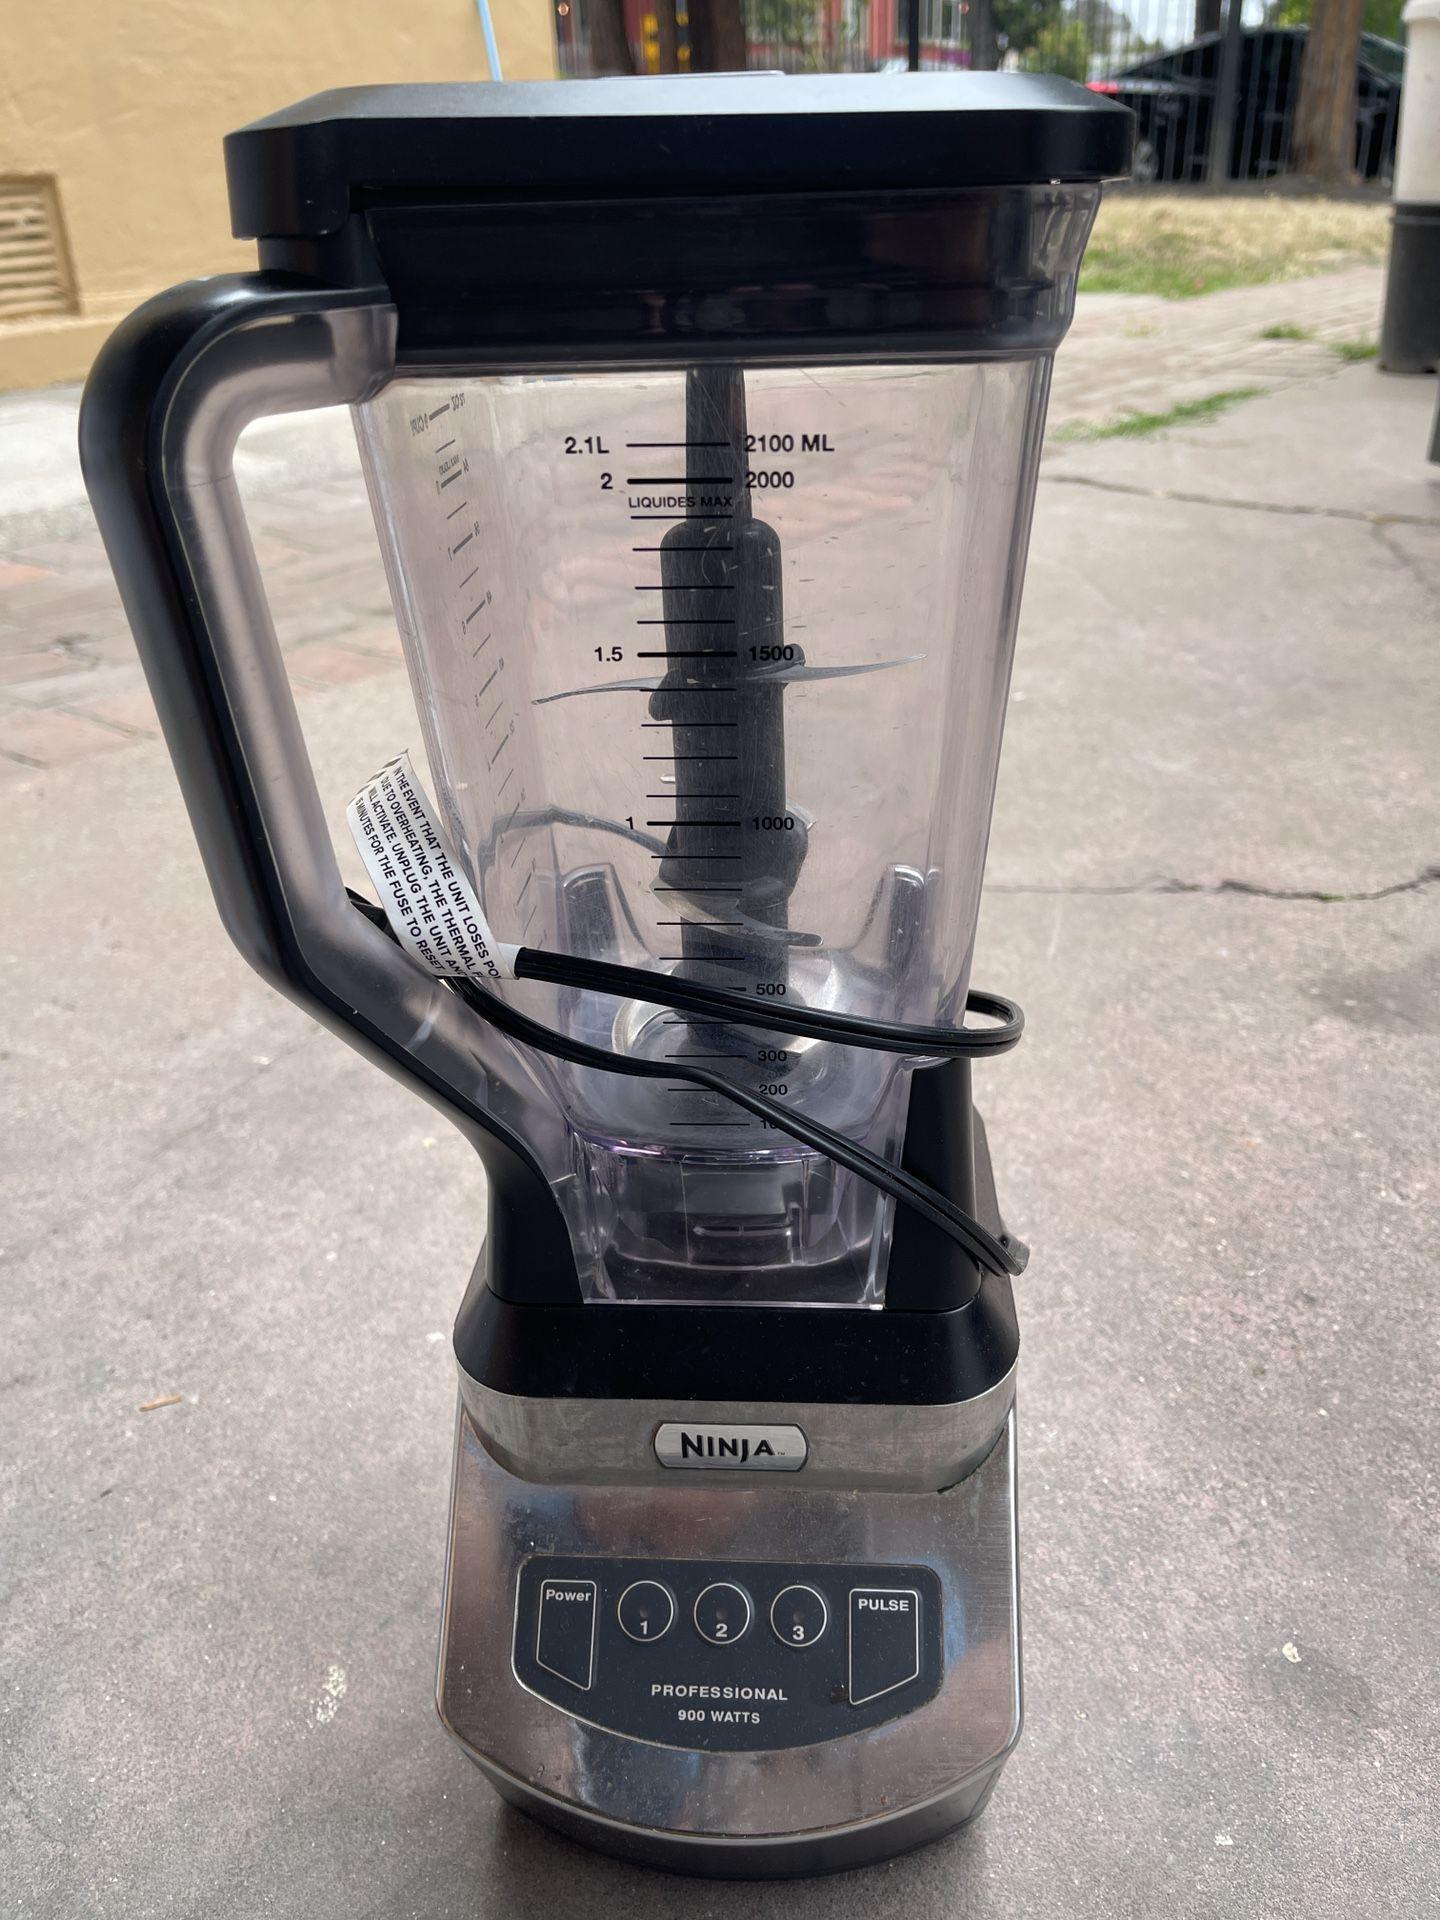 Ninja Professional 900 Watts